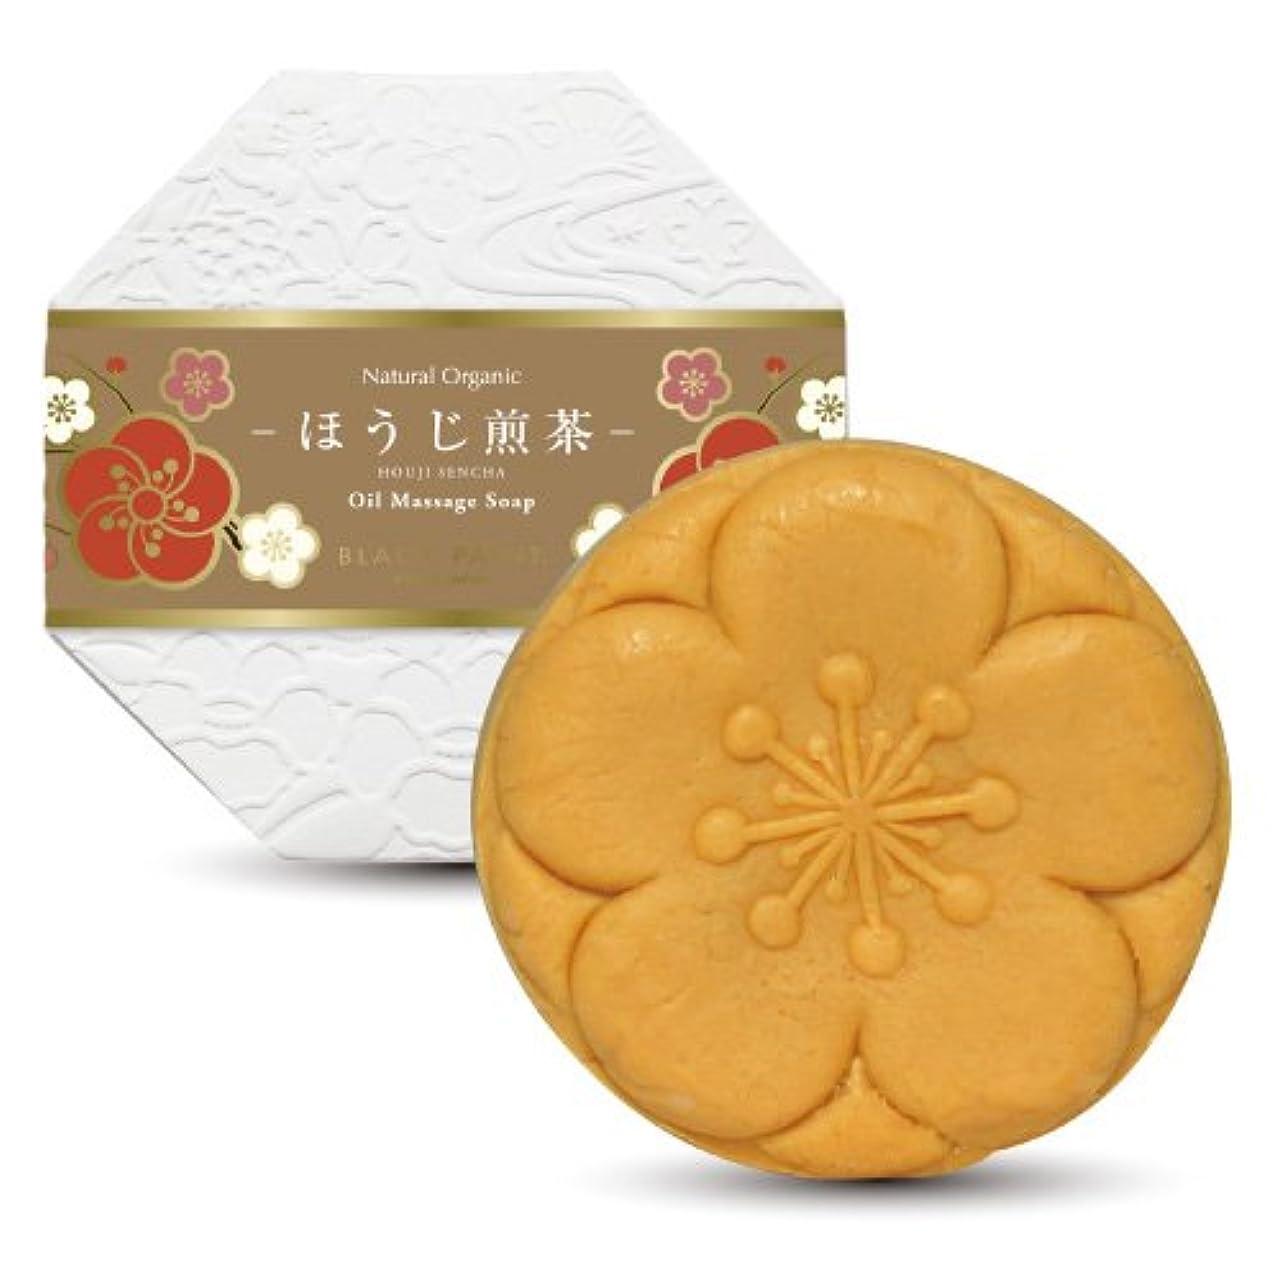 猛烈なカード耐えられない京のお茶石鹸 ほうじ煎茶 120g 塗る石鹸